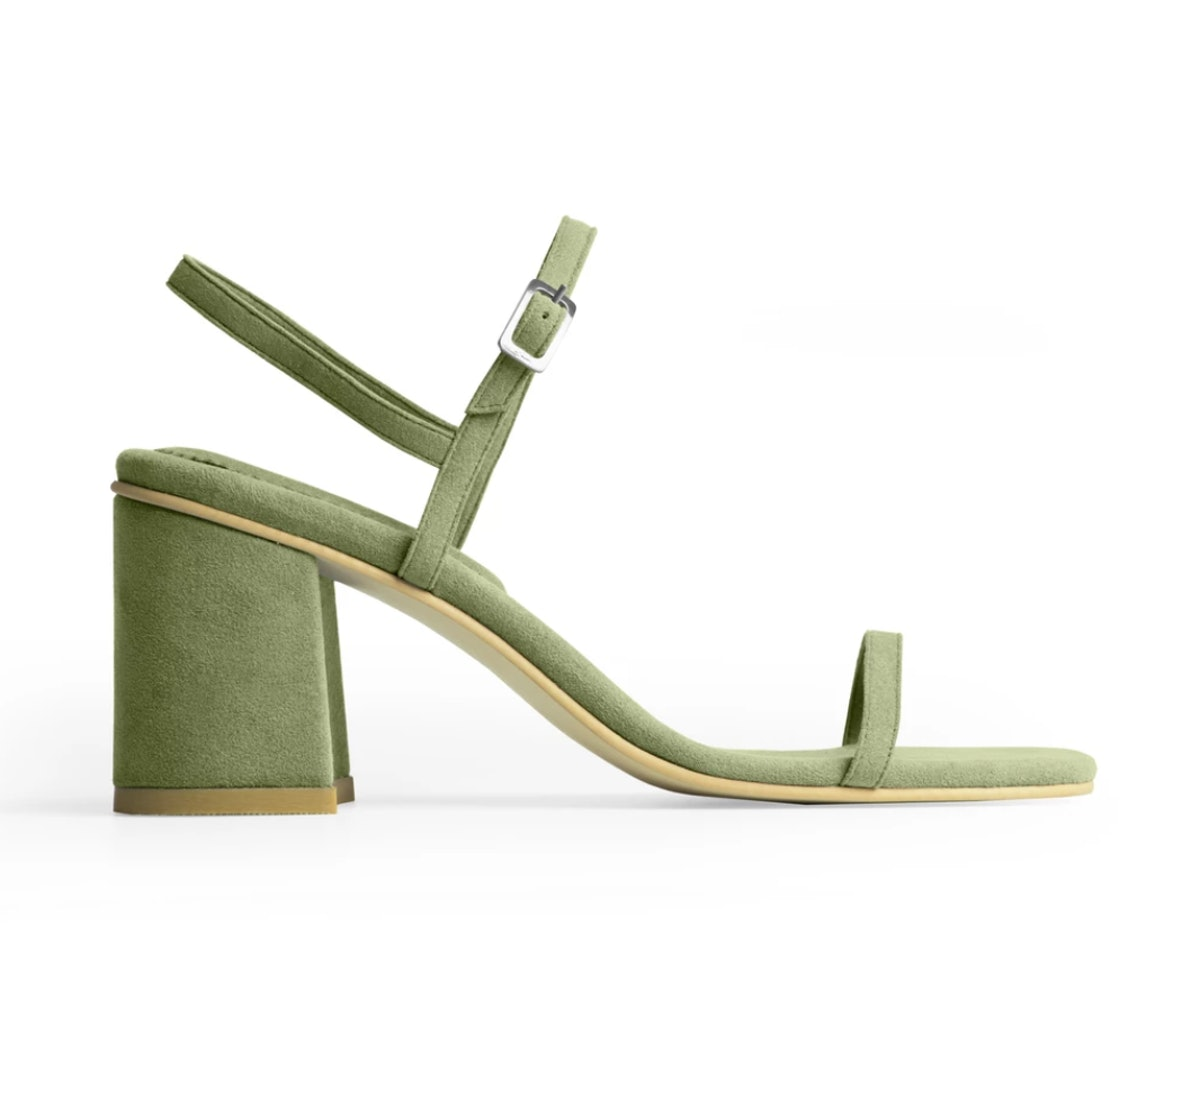 The Simple Sandal in Vert